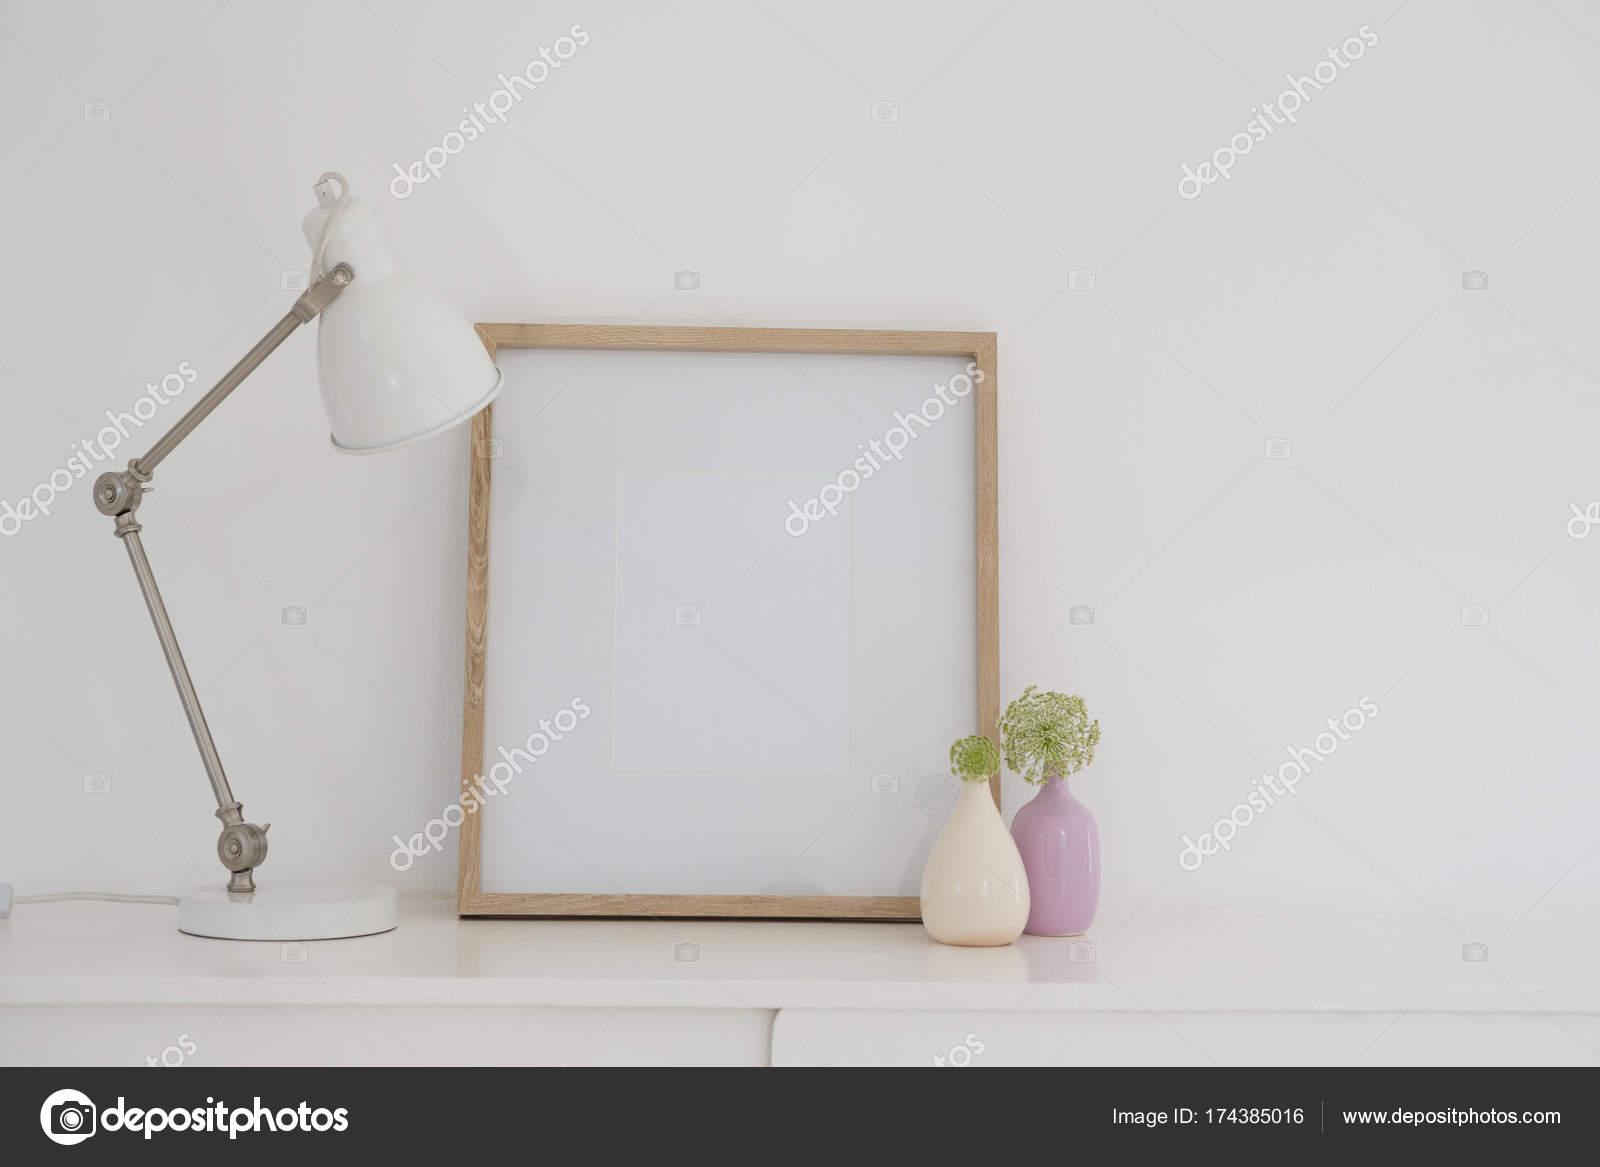 Elektrische Lampe, Vase und Bild Frame auf Tisch — Stockfoto ...